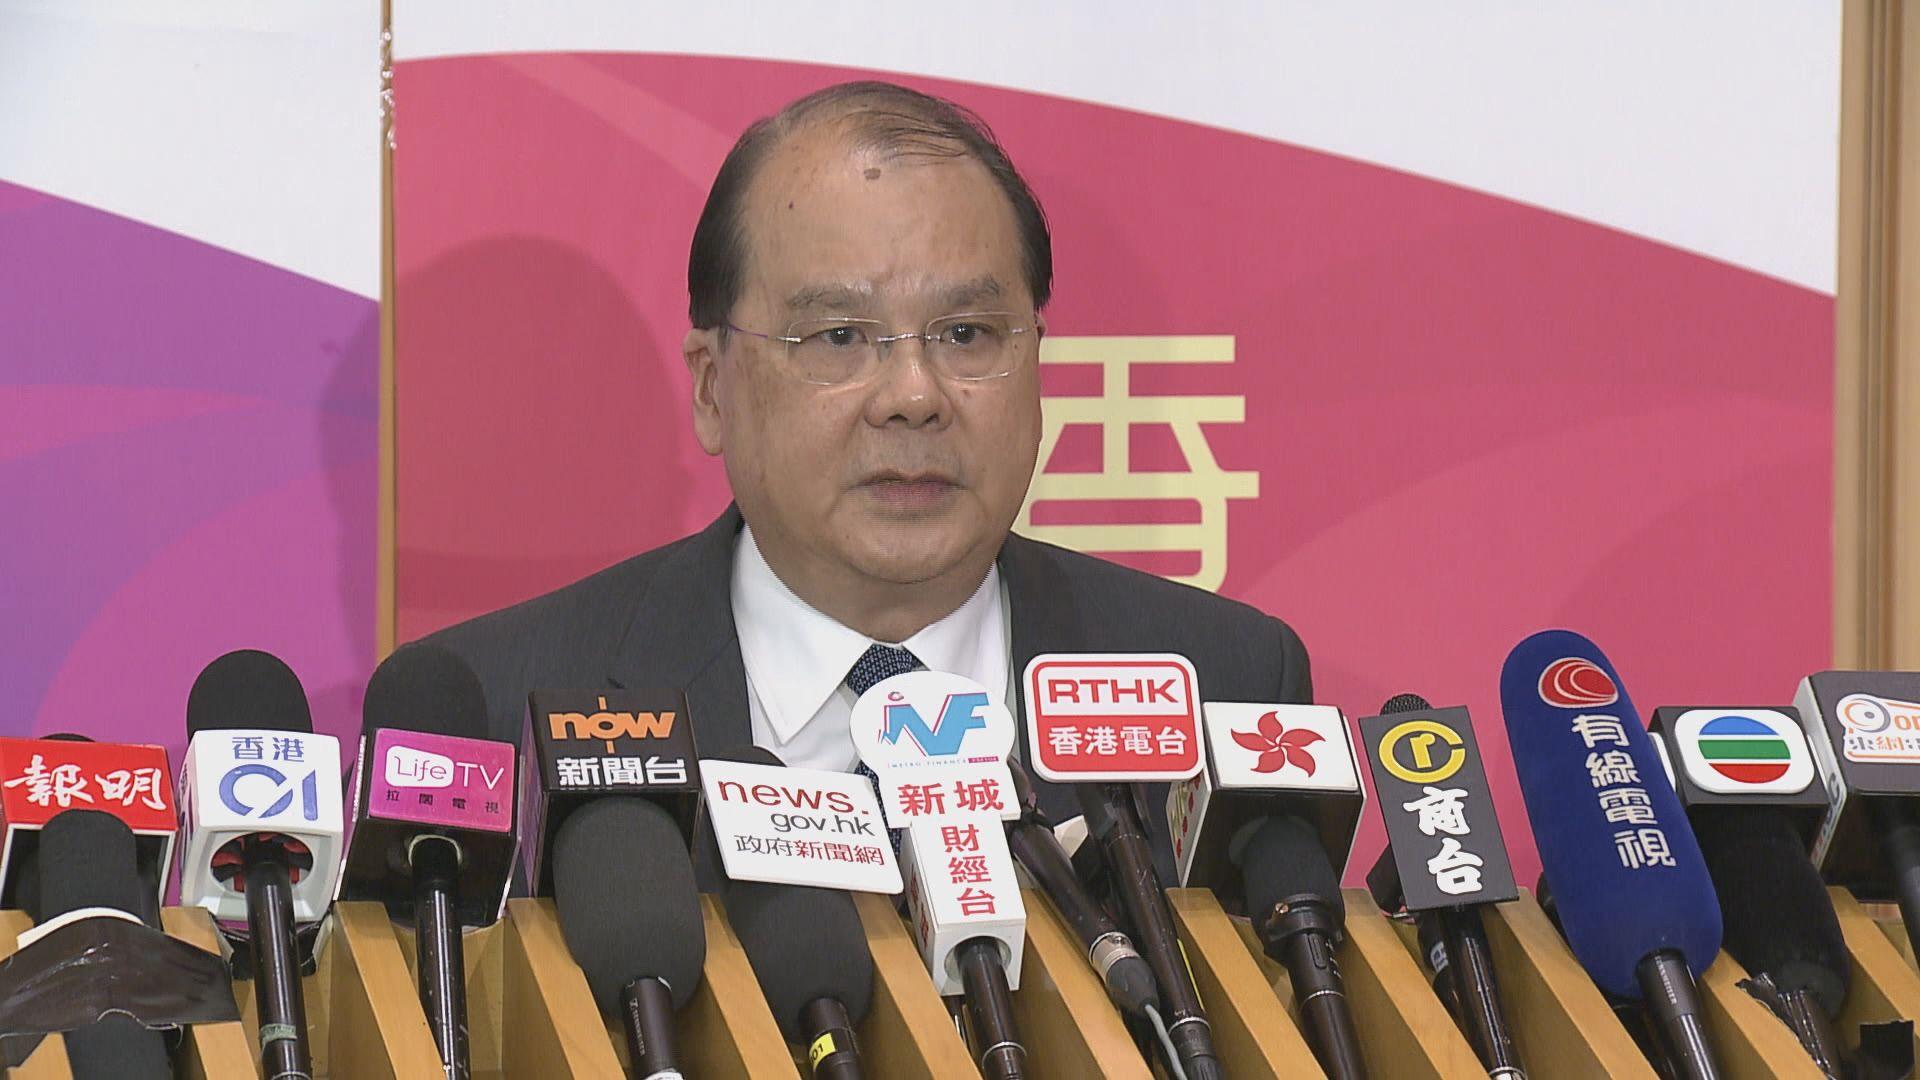 張建宗:現階段無意中止與外國記者會合作